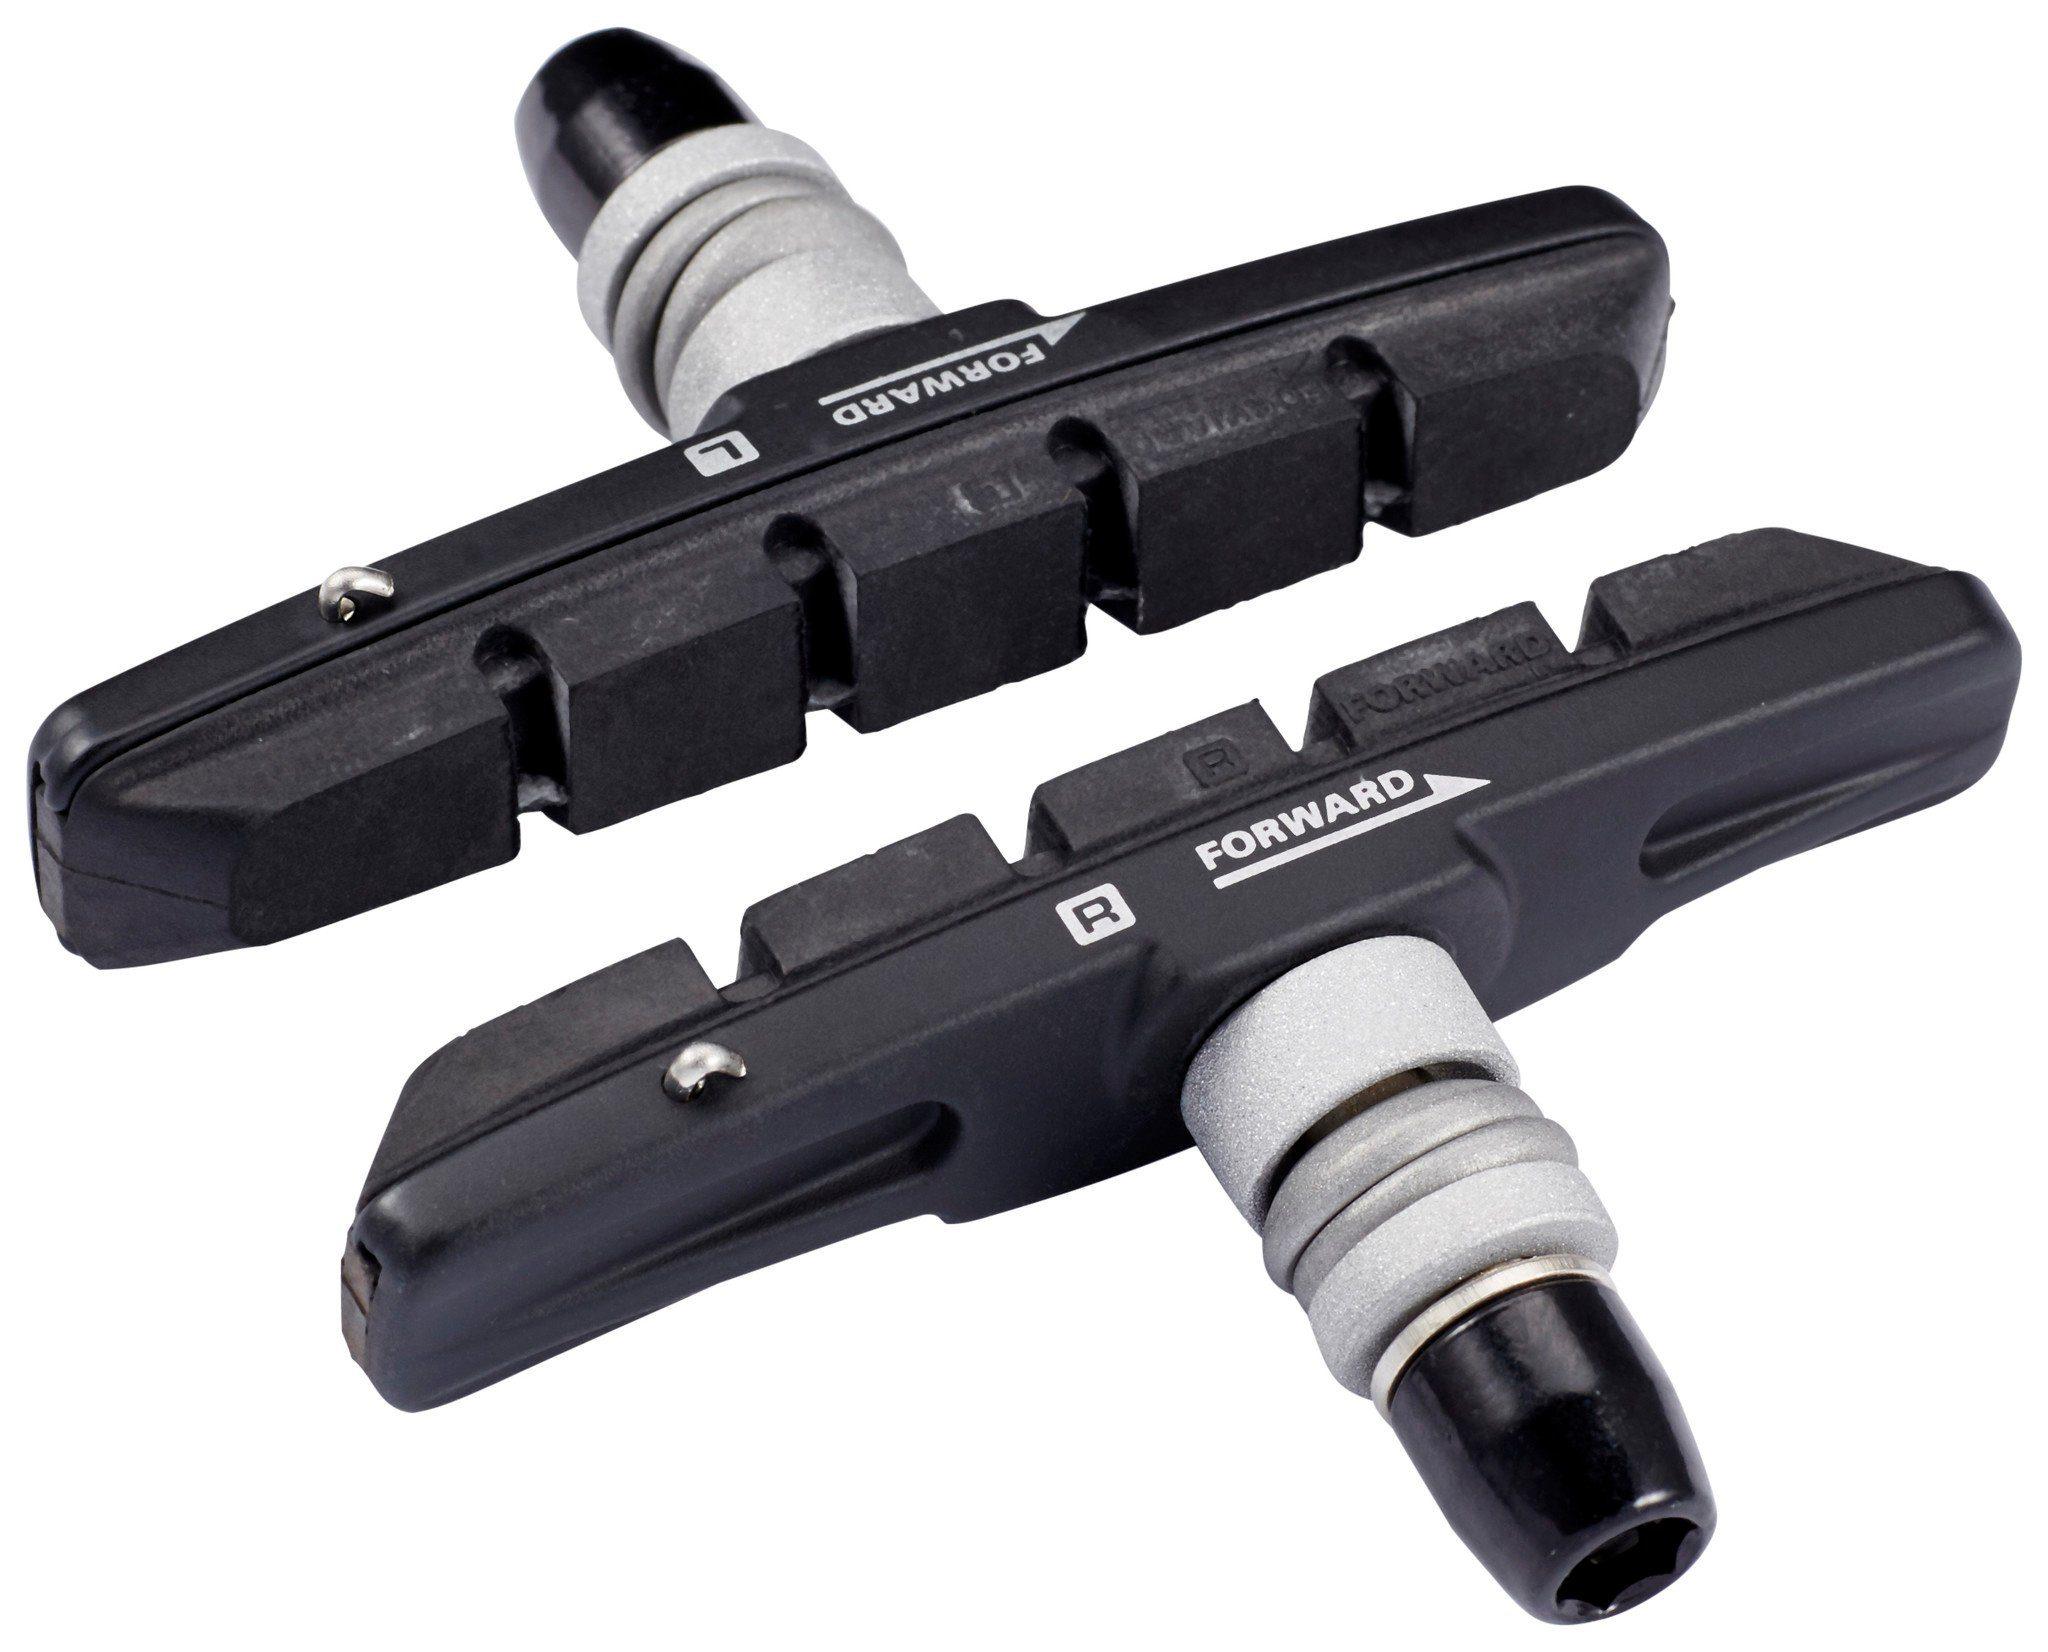 Shimano Bremsbelag »M70CT4 Cartridge Bremsschuhe für BR-T670«